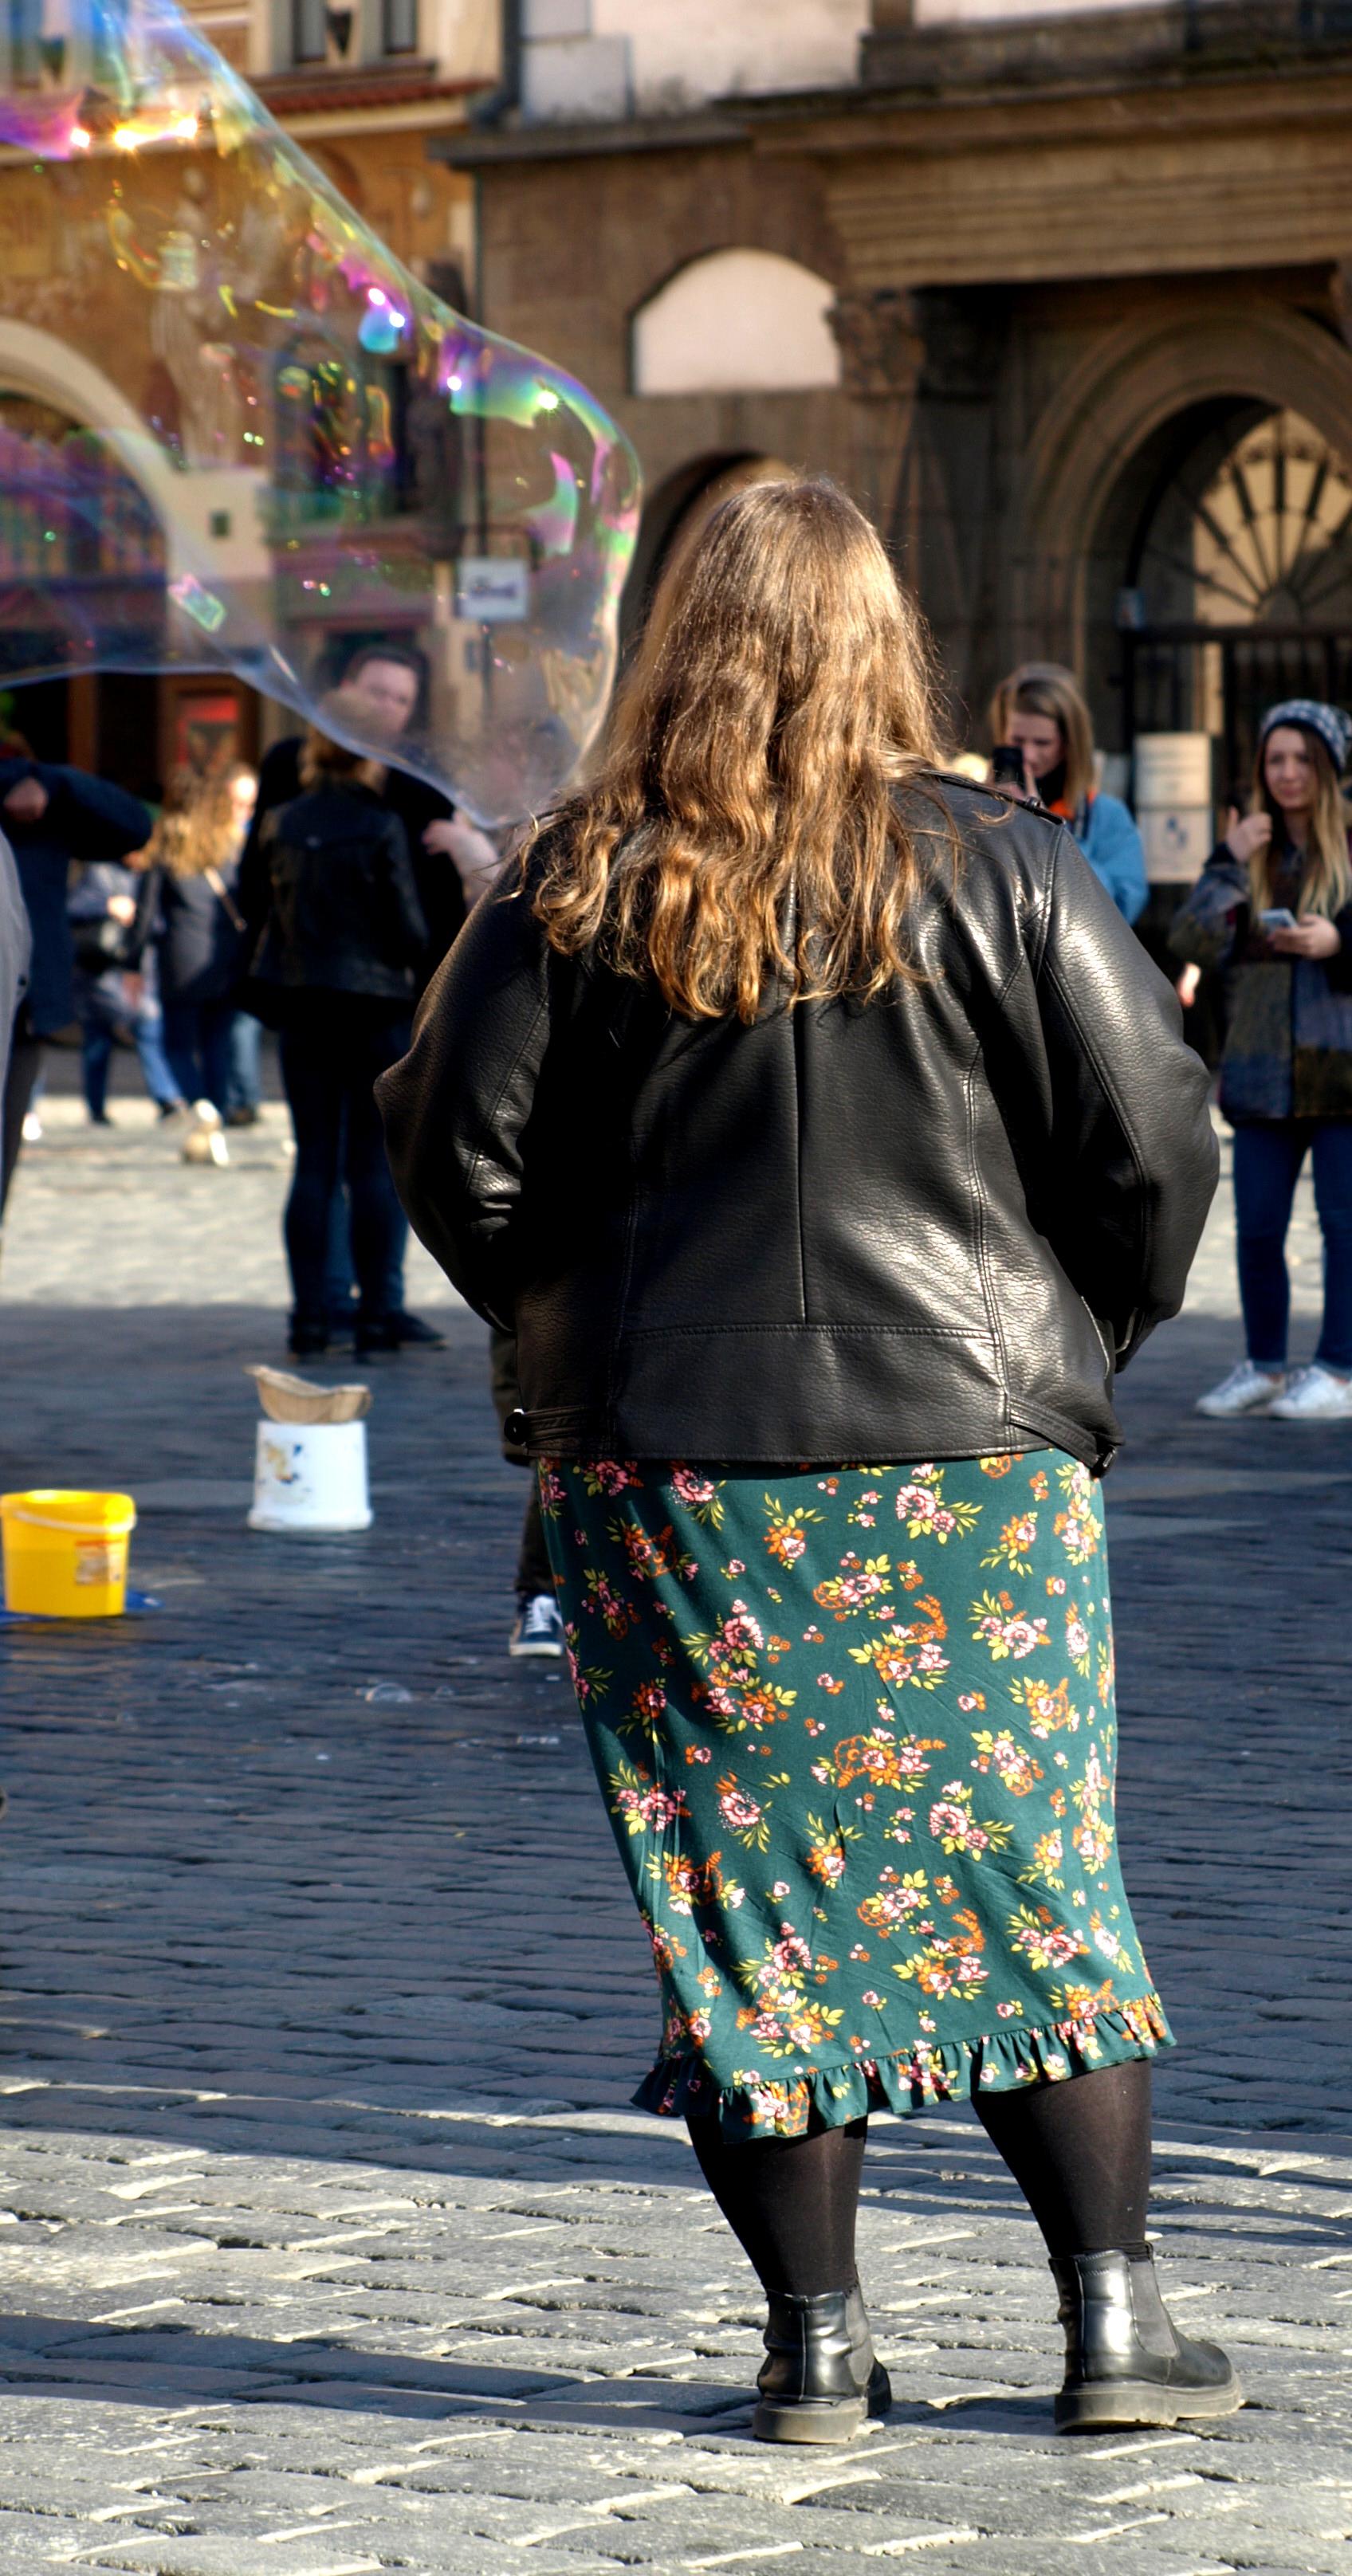 Katrinski von Sizeplus-Style in Prag auf dem Altstädter Ring